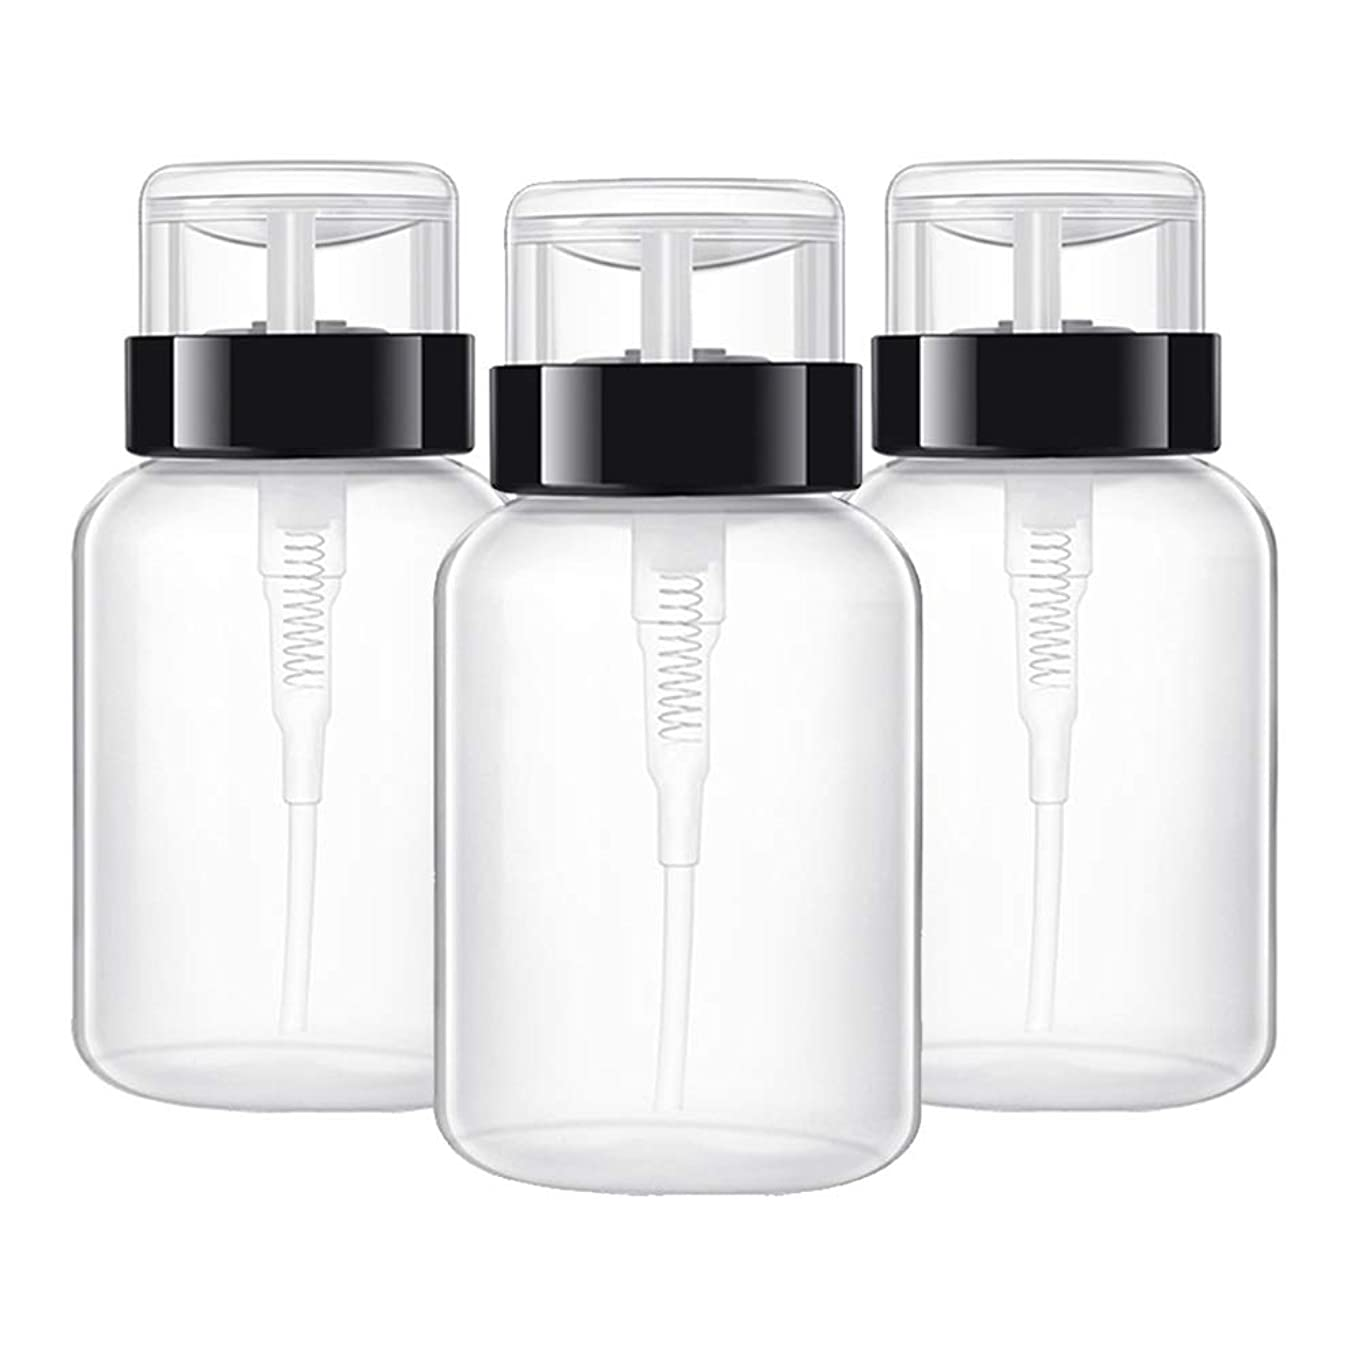 ヒープ裏切り暴行マニキュアツールツール 空ポンプ ボトル ネイルクリーナーボトル ポンプディスペンサー ジェルクリーナー 200ミリリットル 3ピース